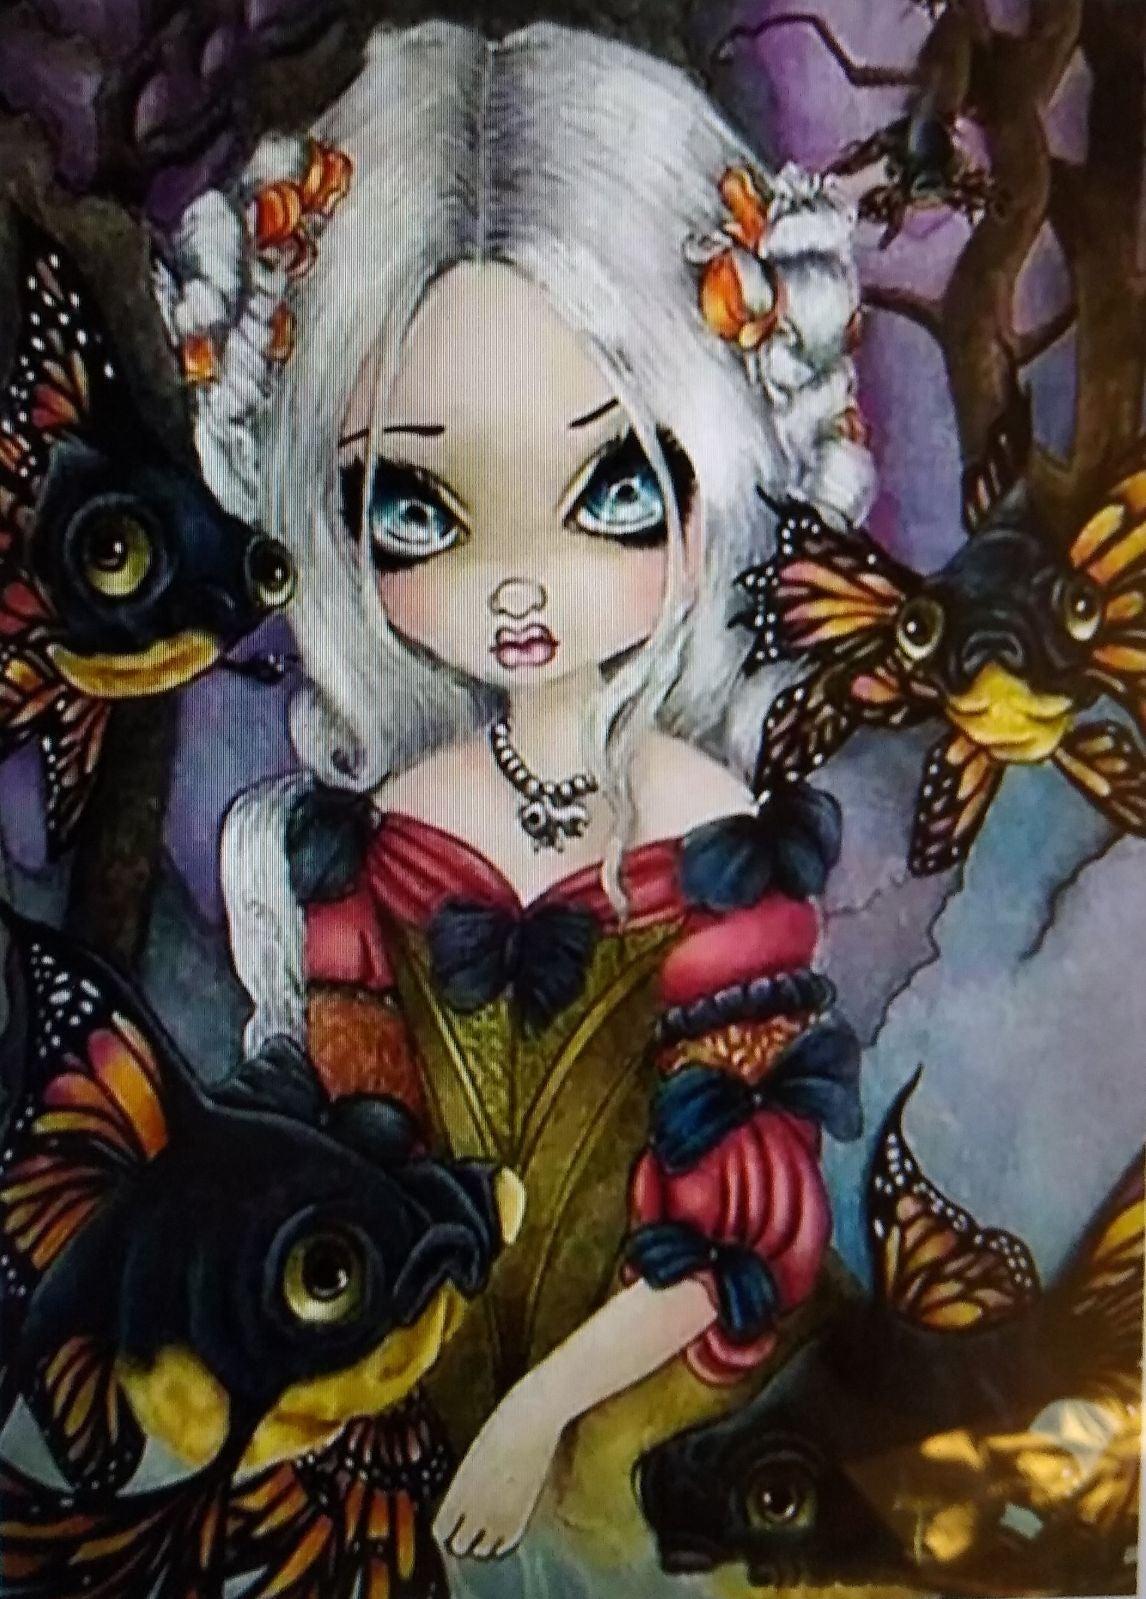 Big Eyed Girl/Doll & Fish Diamond Art